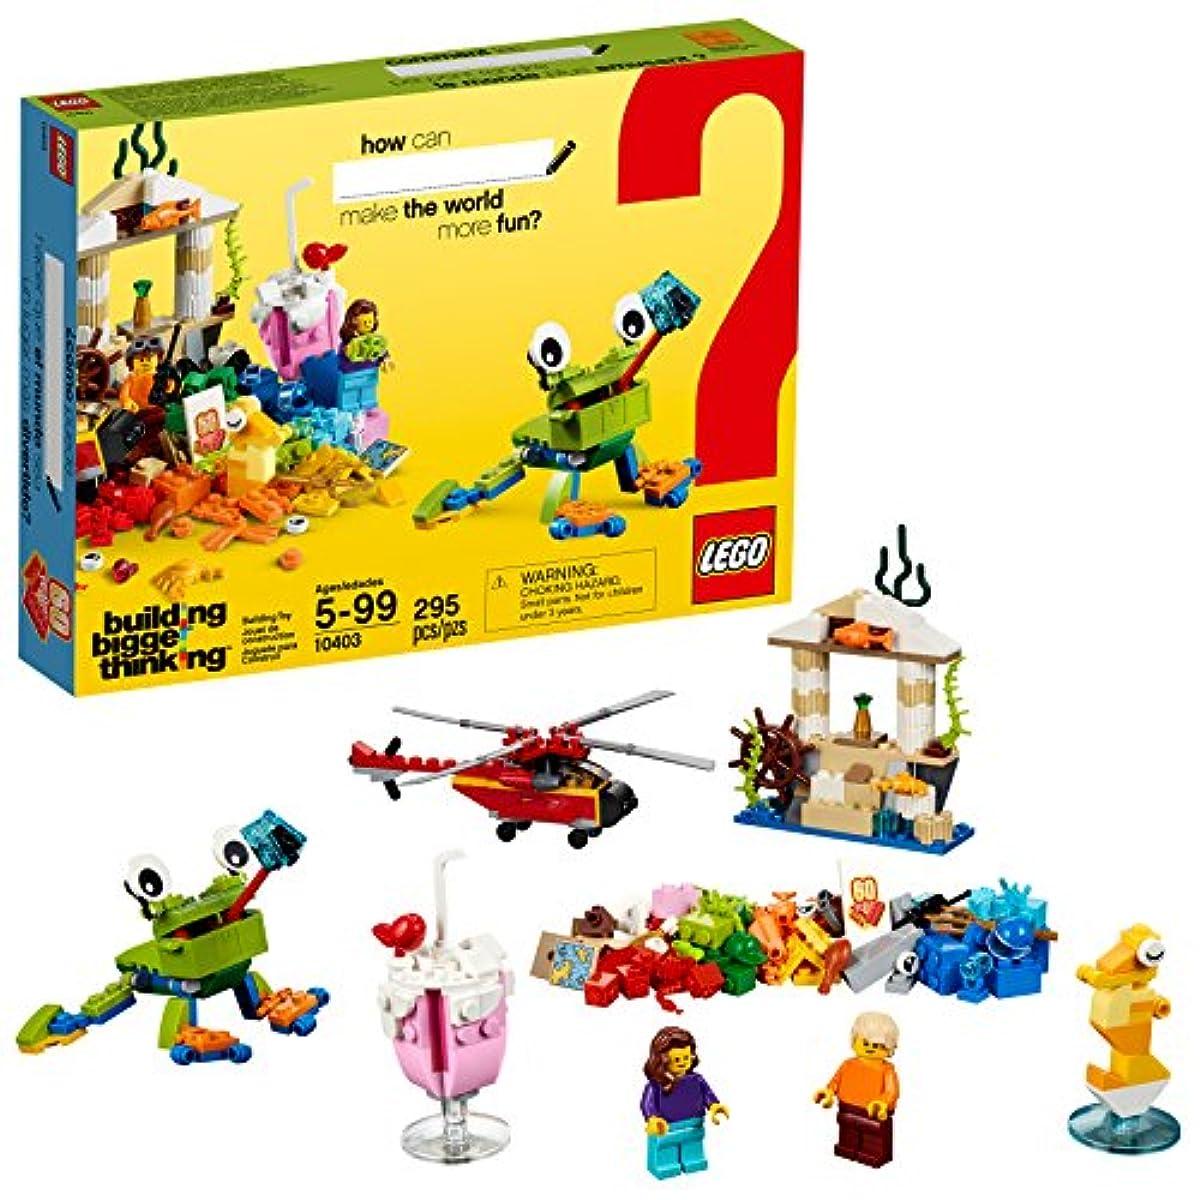 [해외] LEGO 클래식 월드 팬 10403 조립 키트 295피스